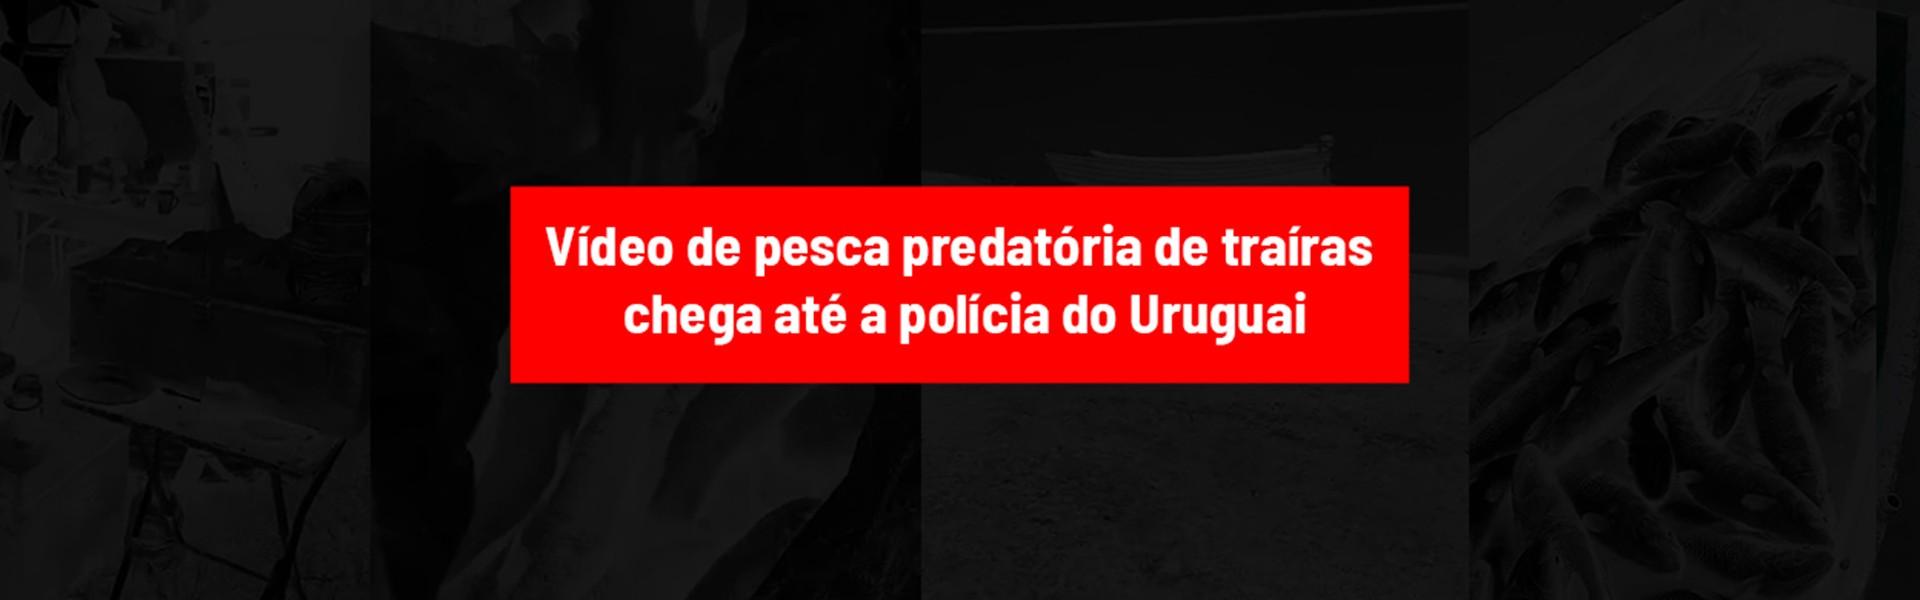 Vídeo de pesca predatória de traíras chega até a polícia do Uruguai